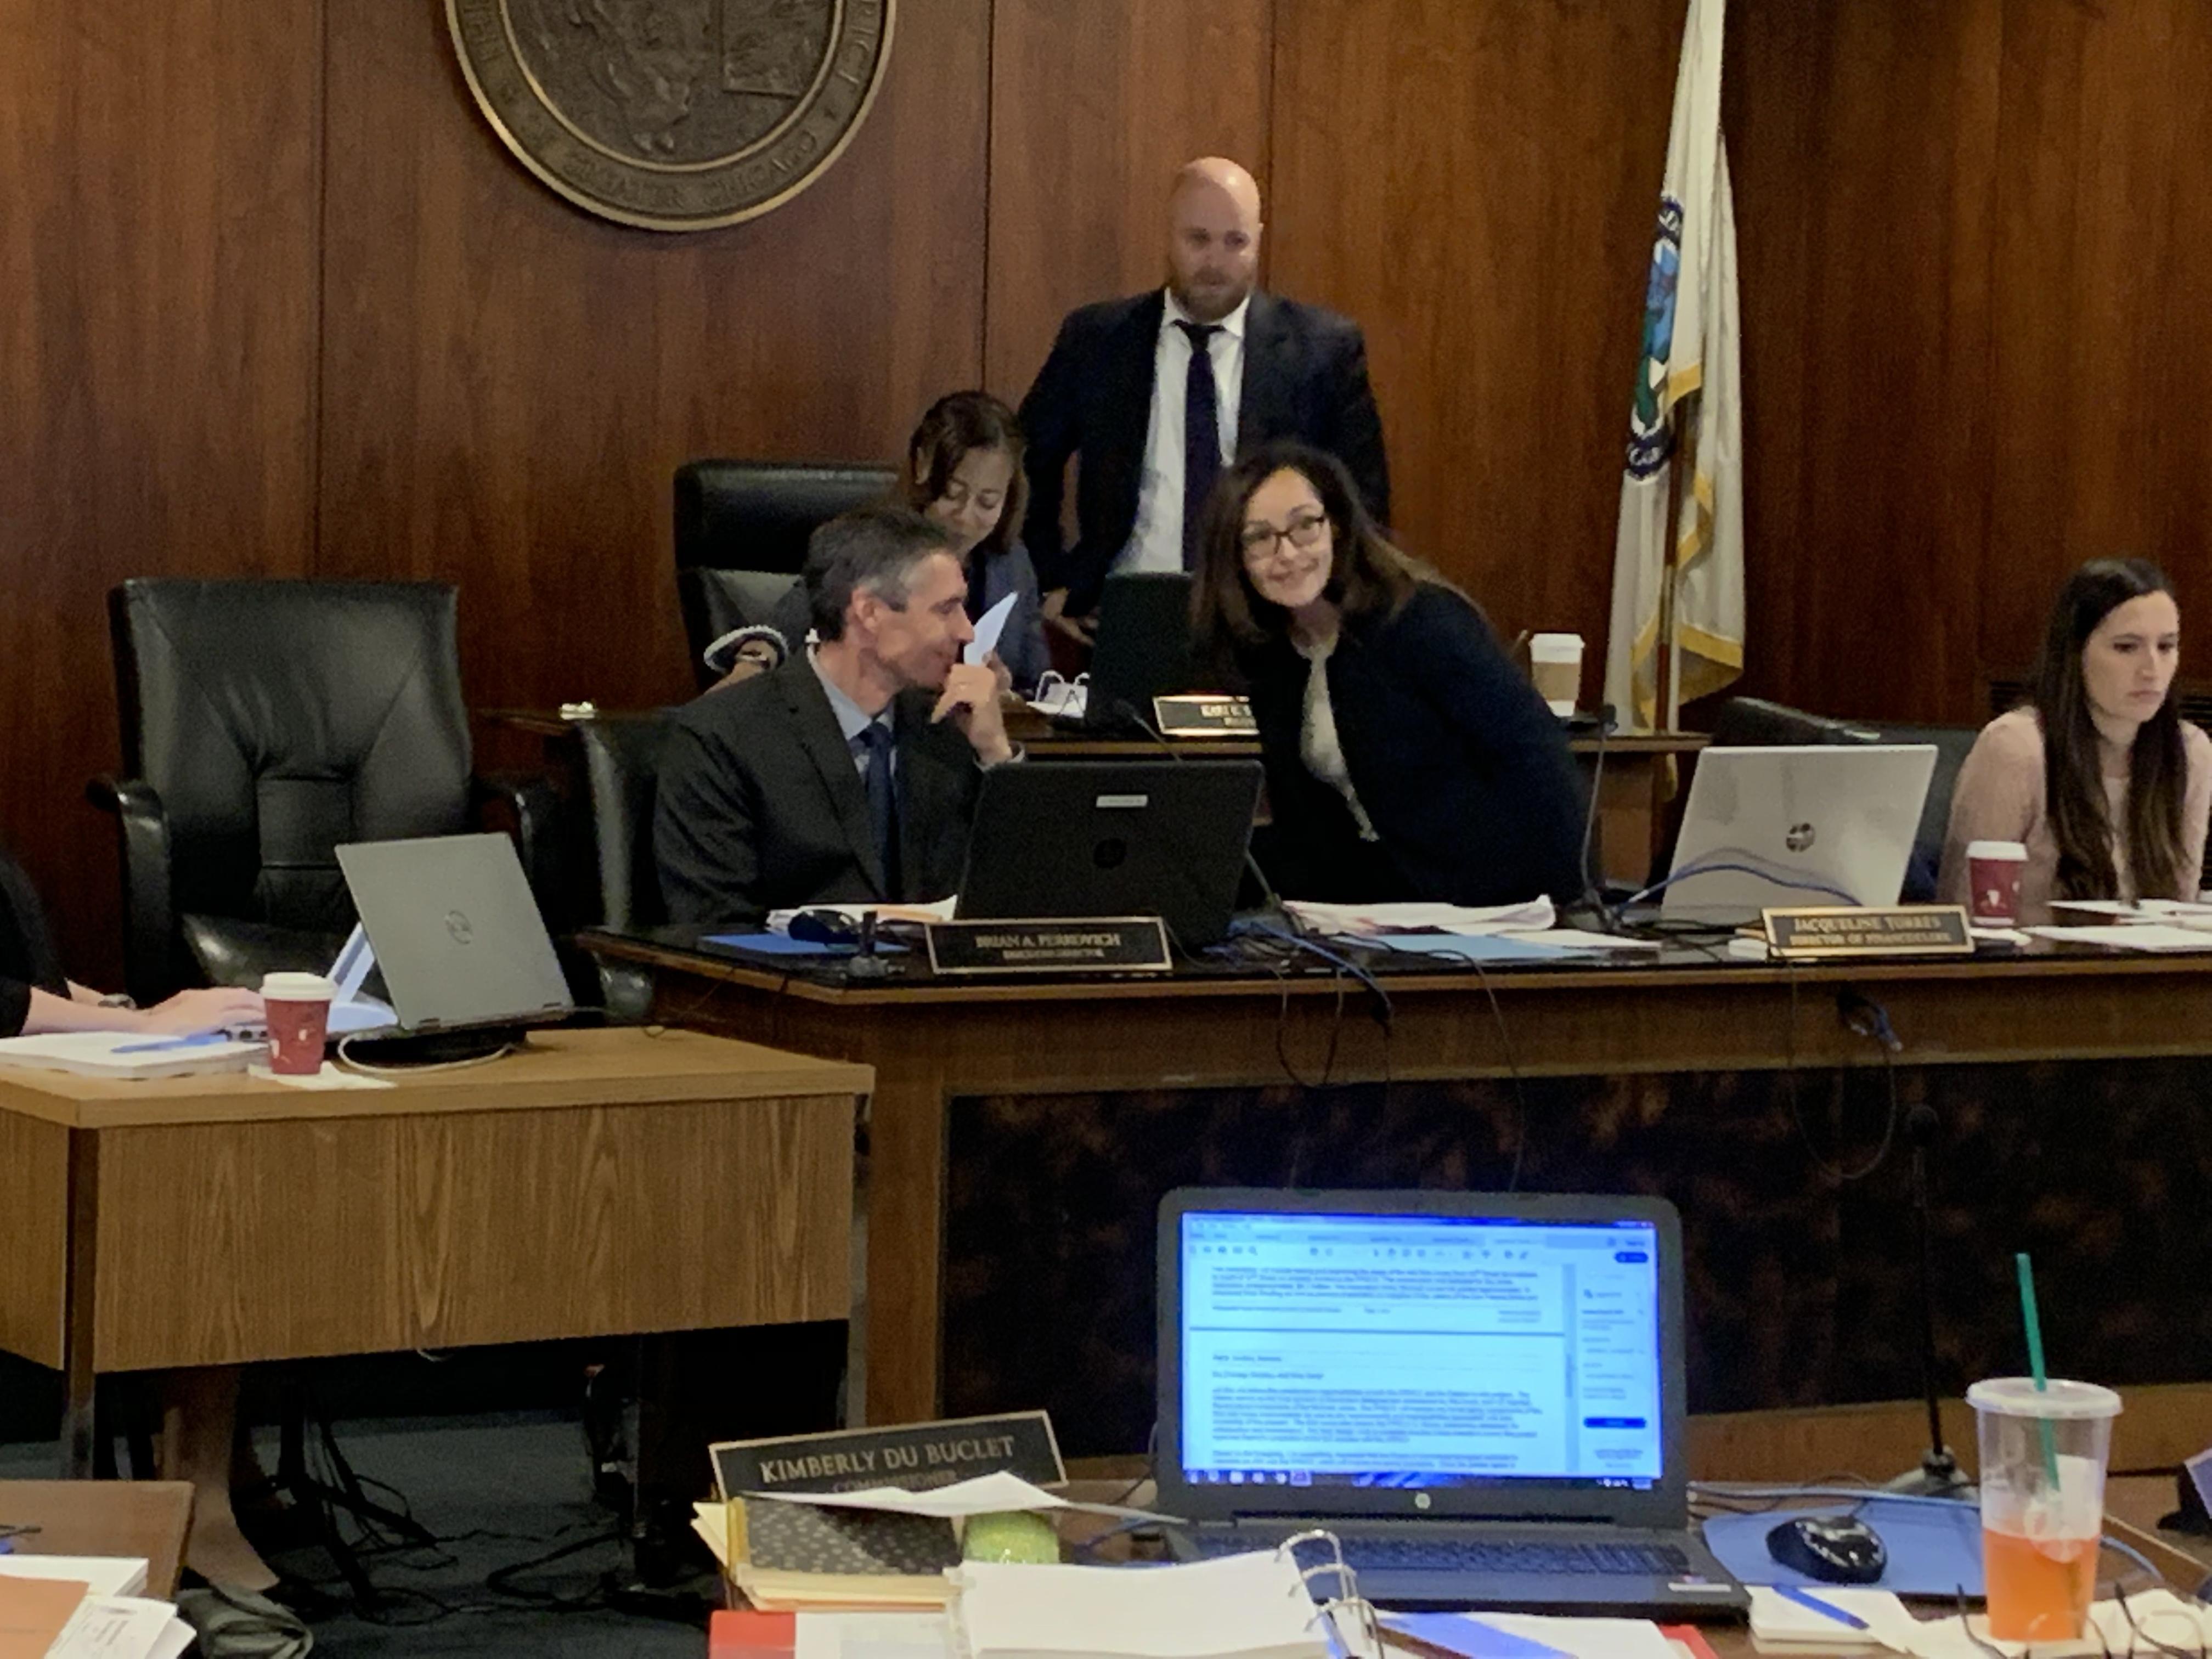 Metropolitan Water Reclamation board members